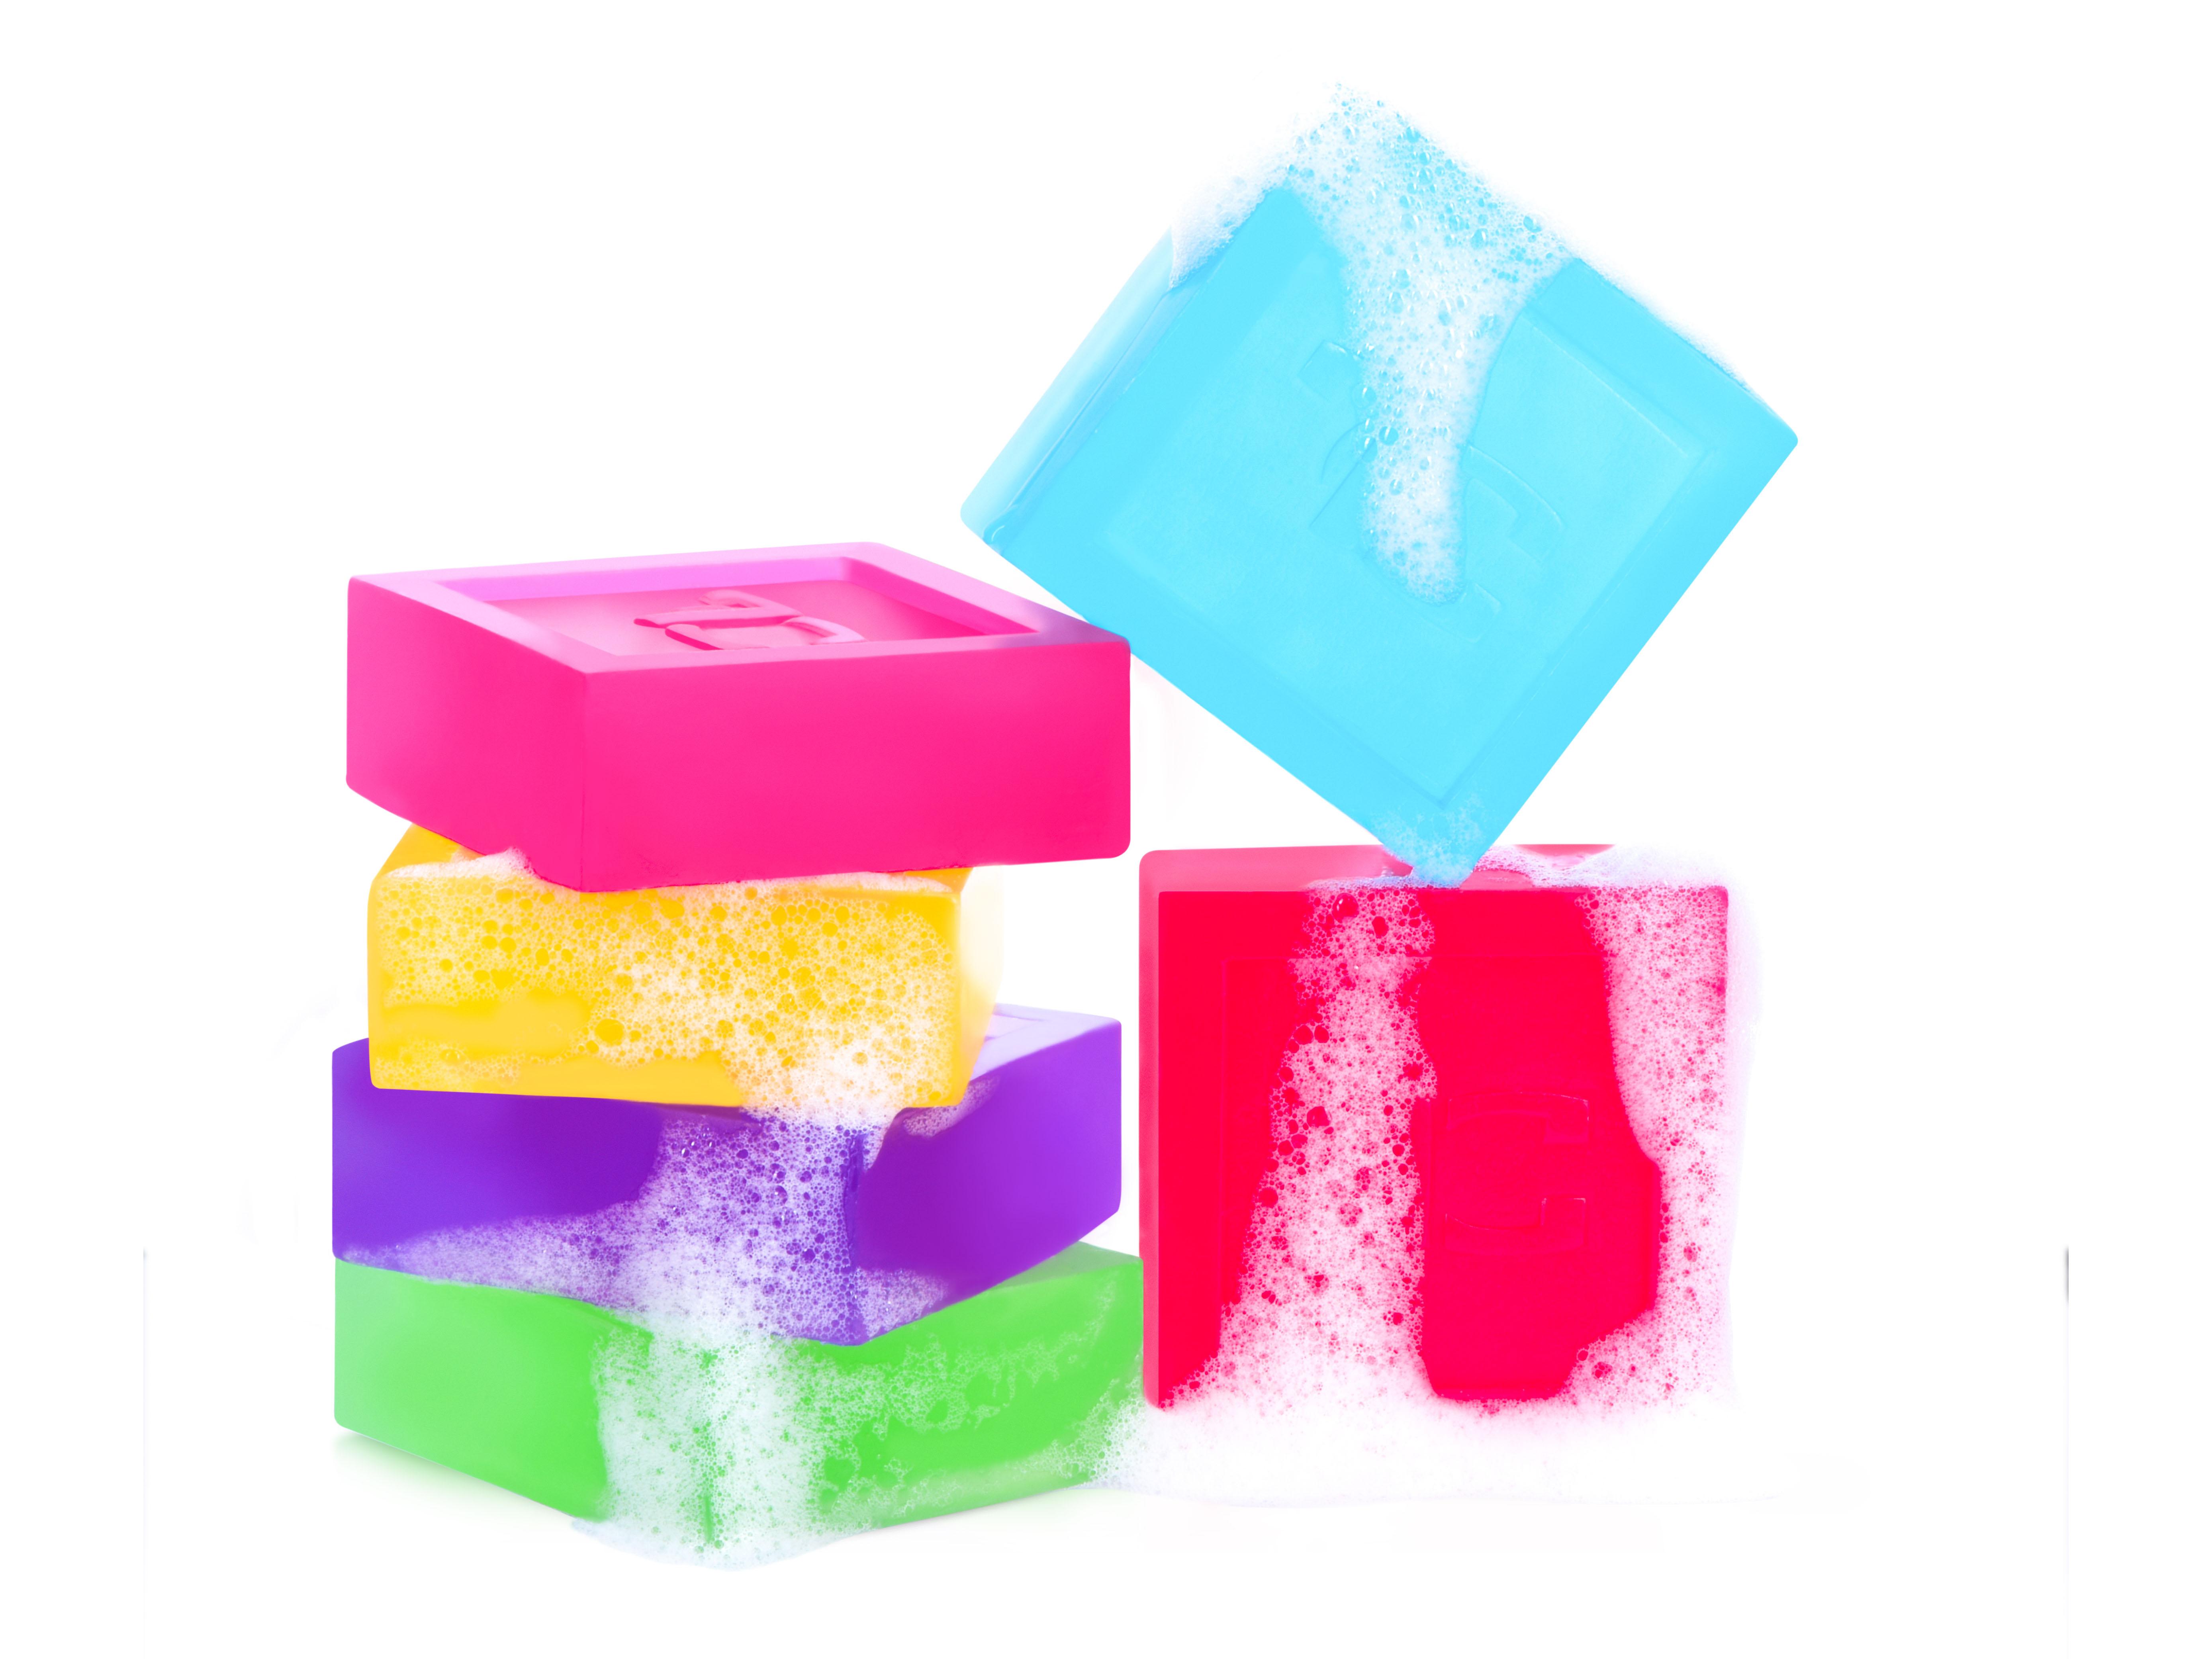 Přírodní glycerinové mýdlo, sensual, LA COLLECTION PRIVÉE